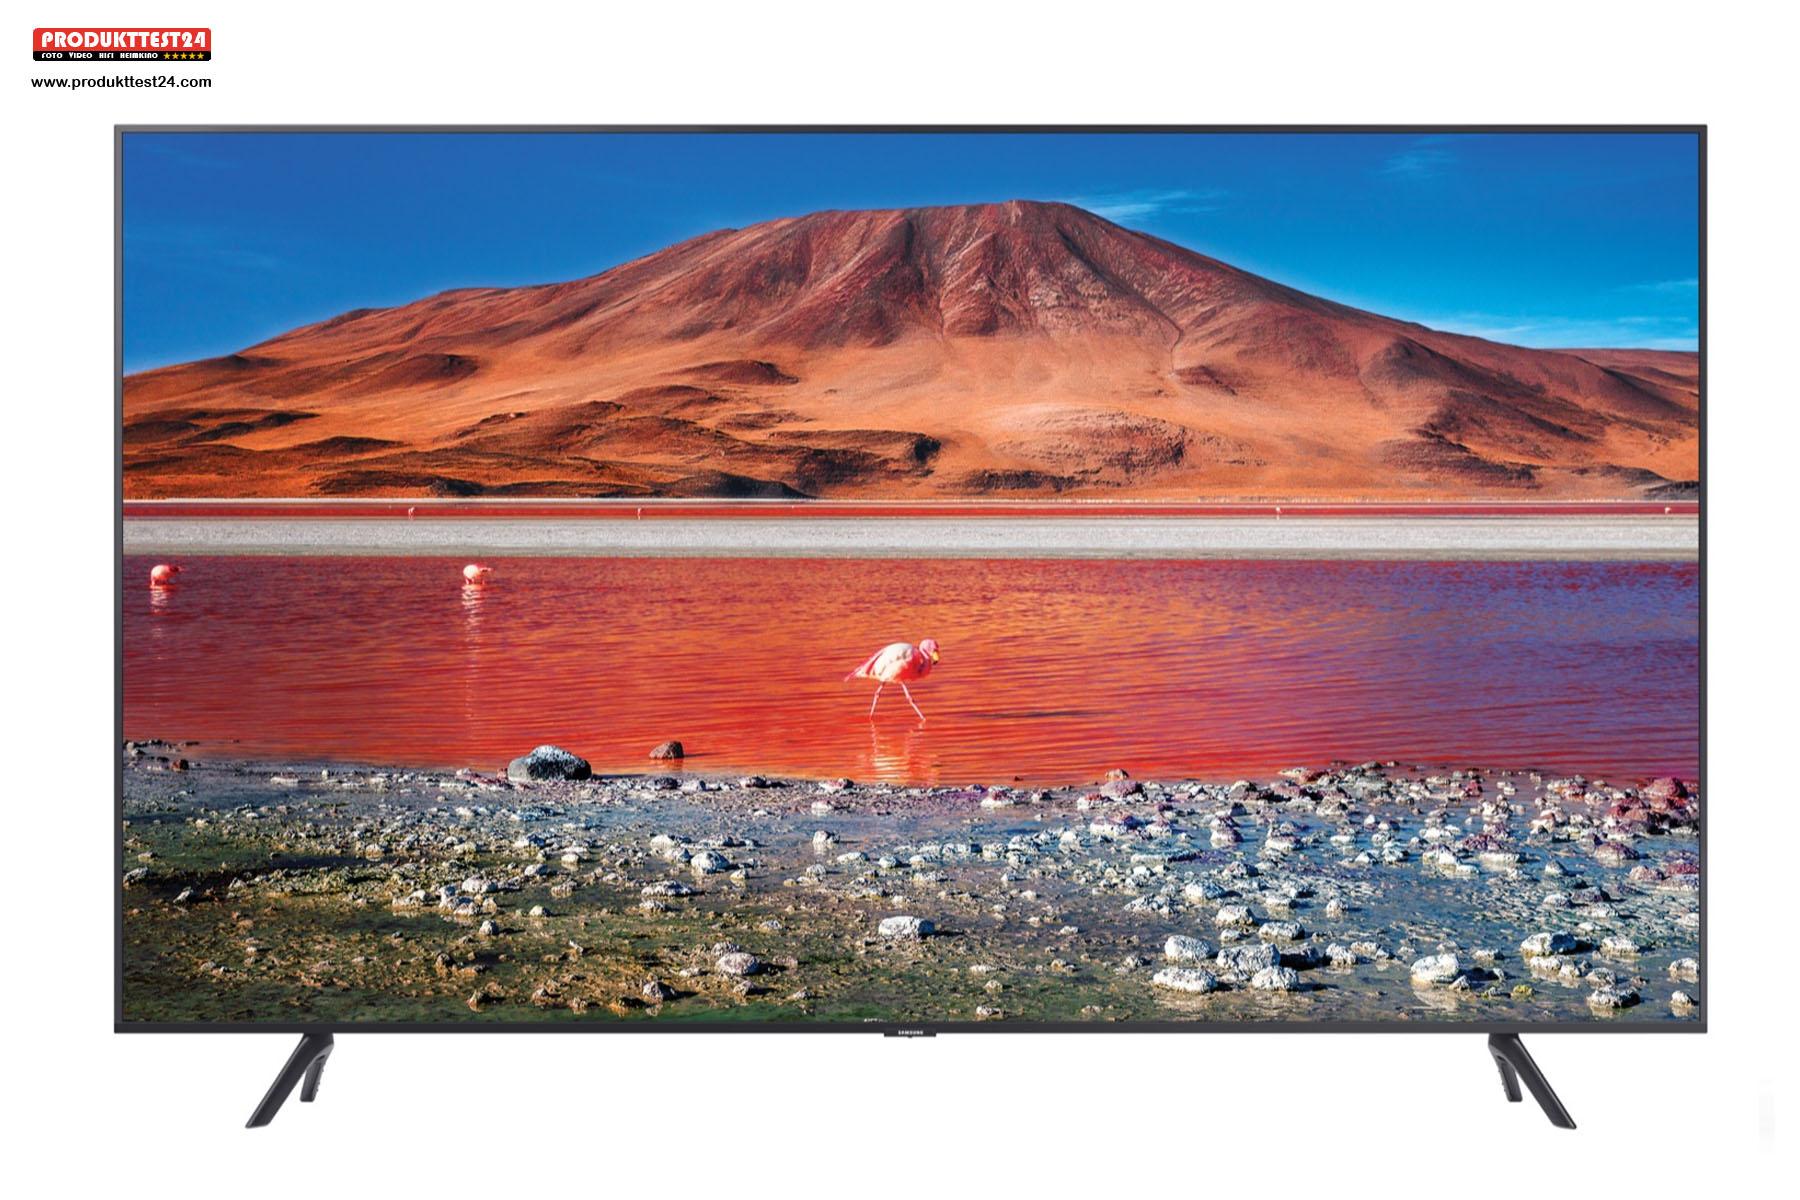 Der neue Samsung GU75TU7079UXZG UHD 4K-Fernseher